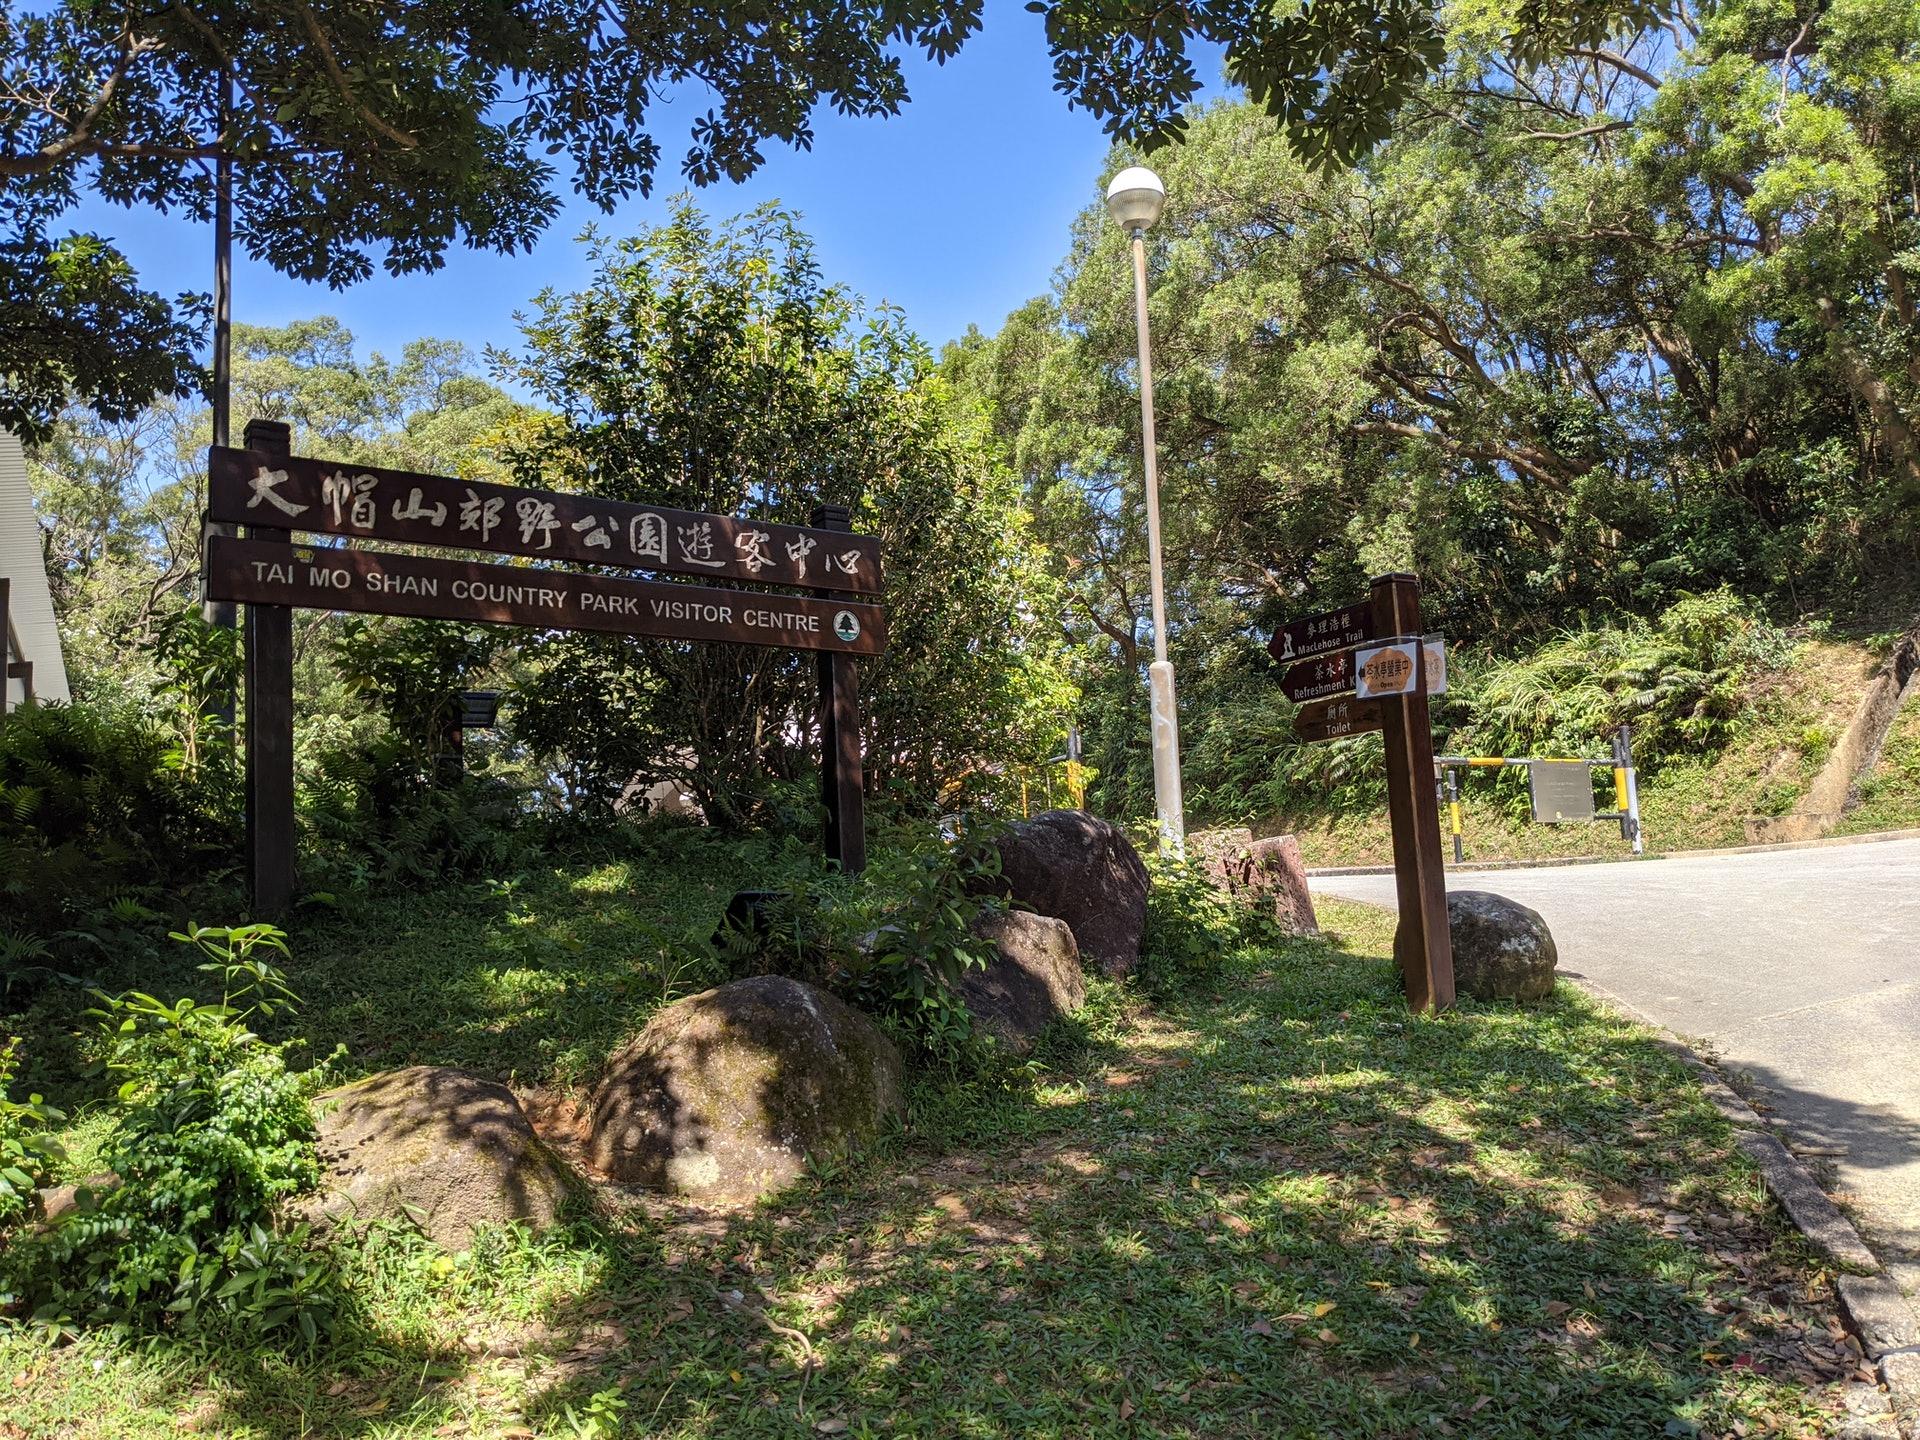 走不到5分鐘,就會見到「大帽山郊野公園遊客中心」的指示牌。(李琬瑩攝)